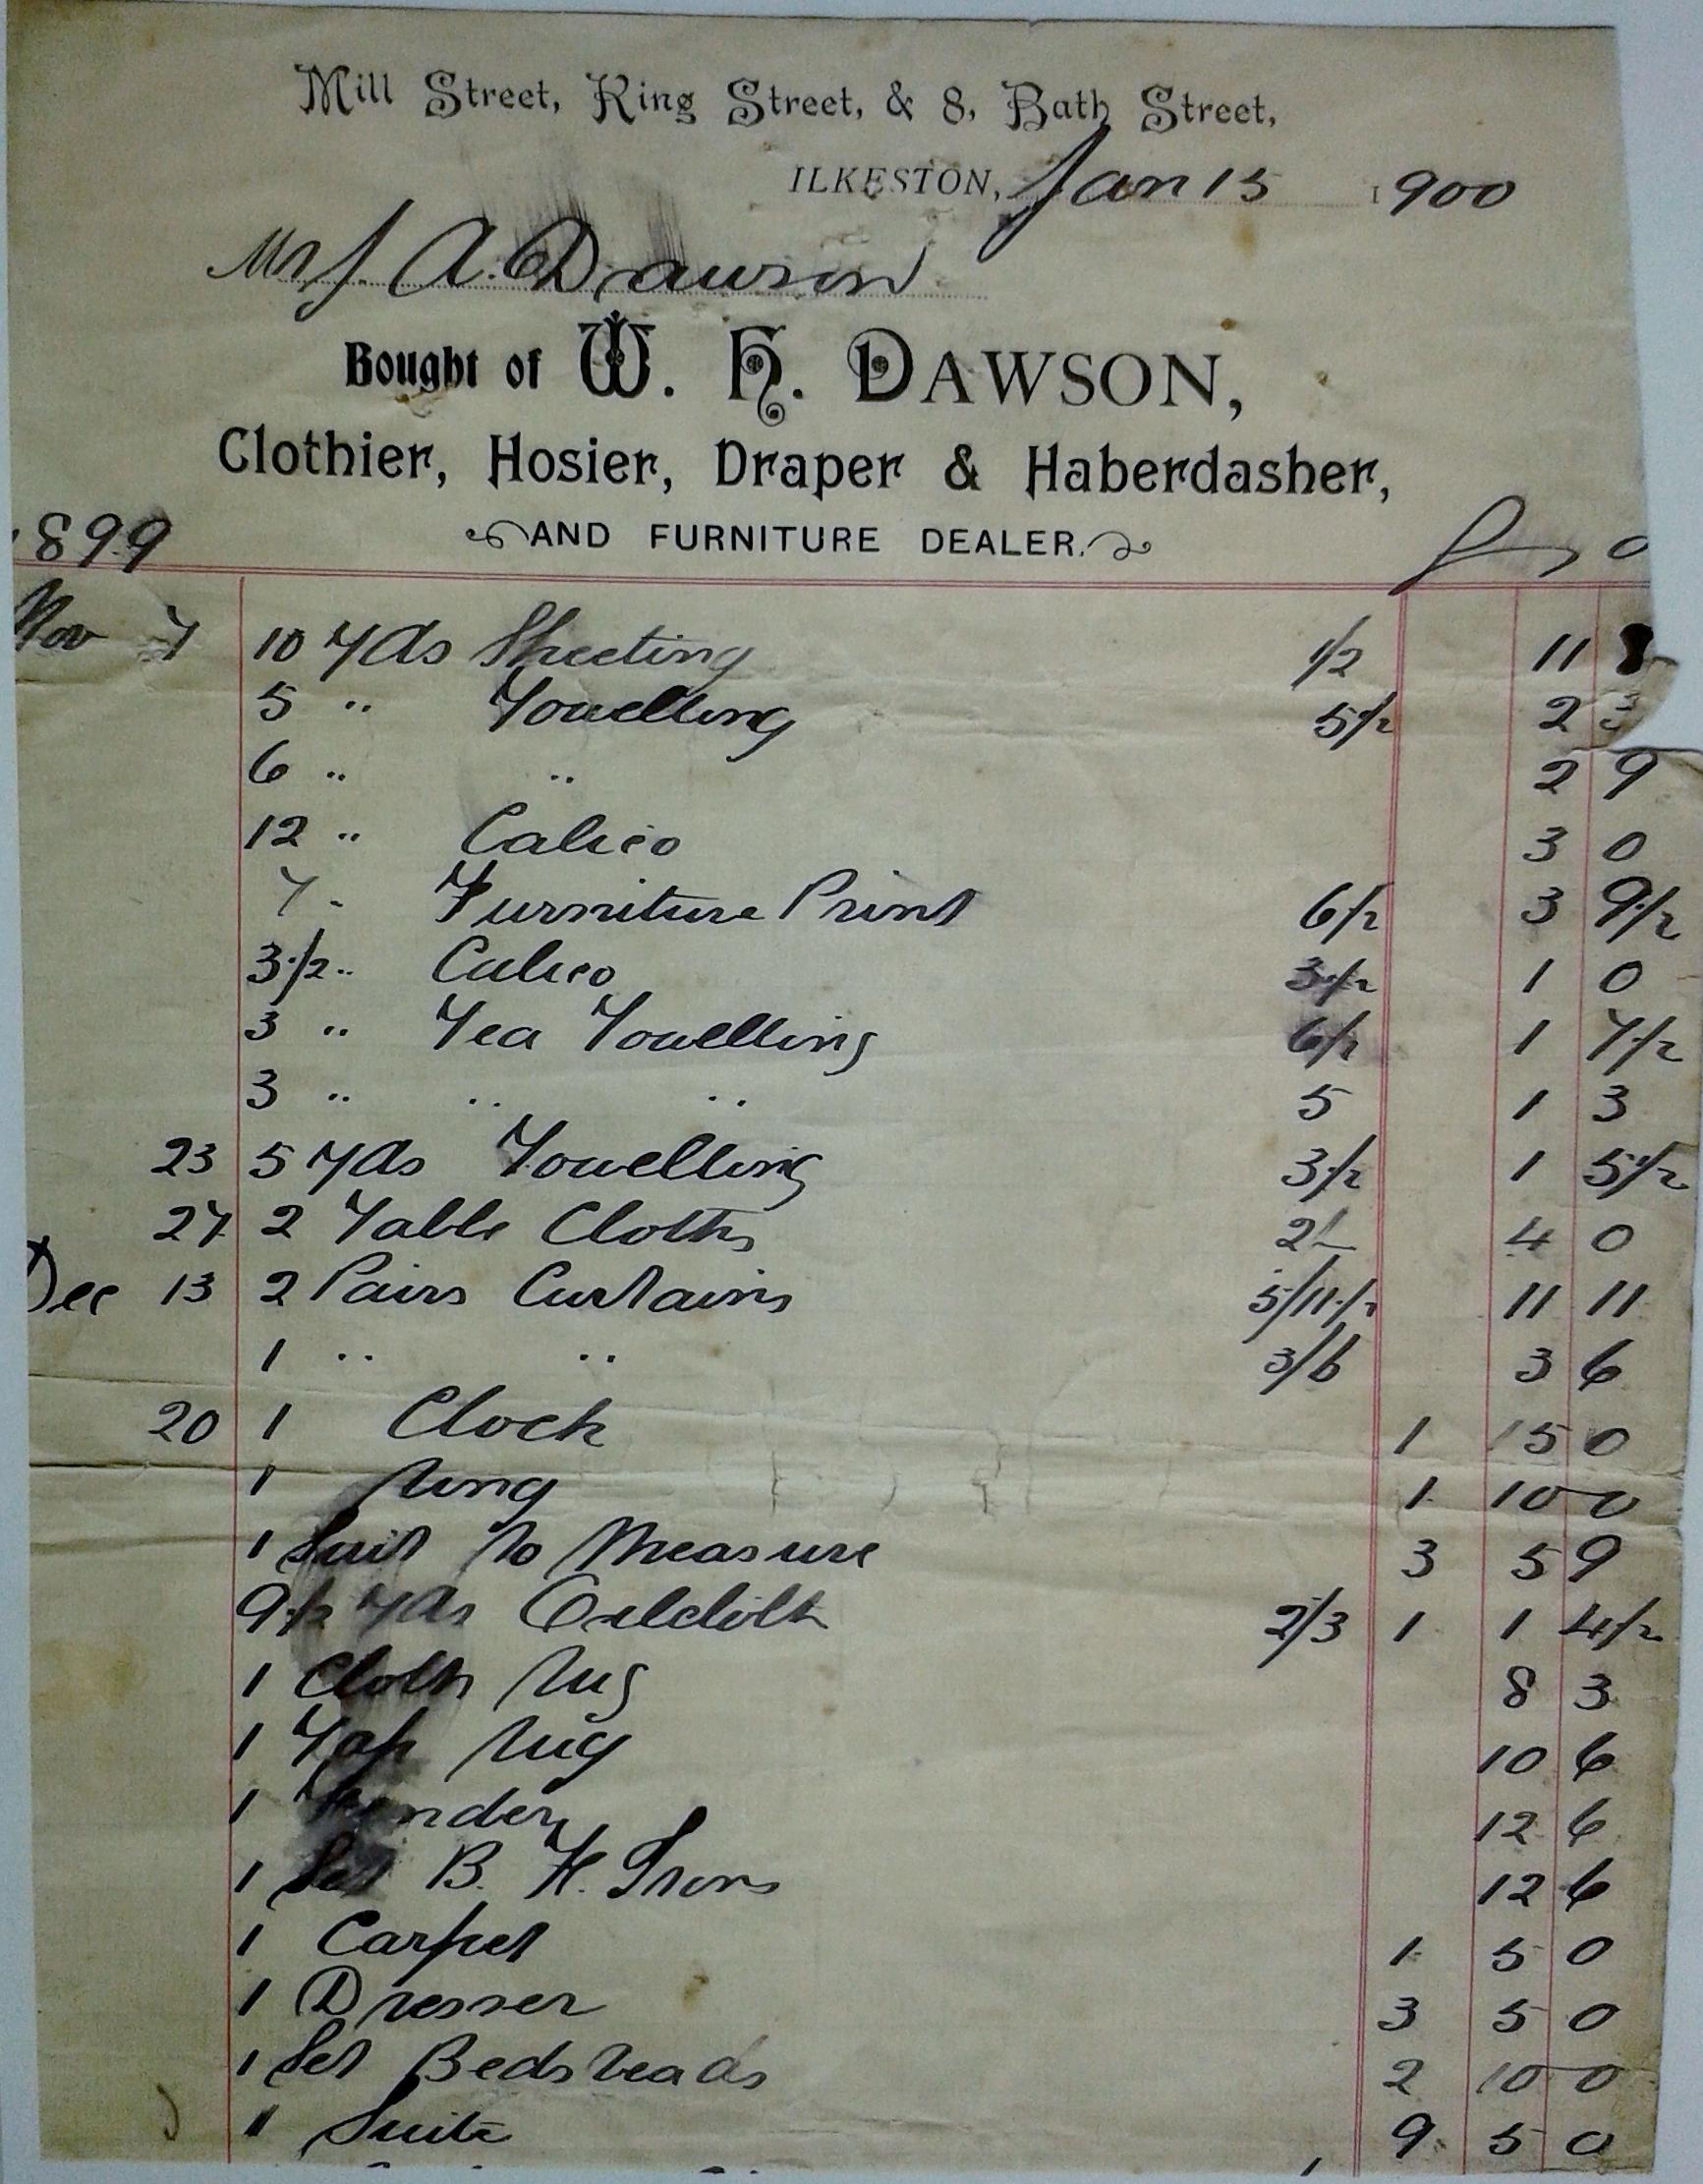 Dawson bill 1 (1)